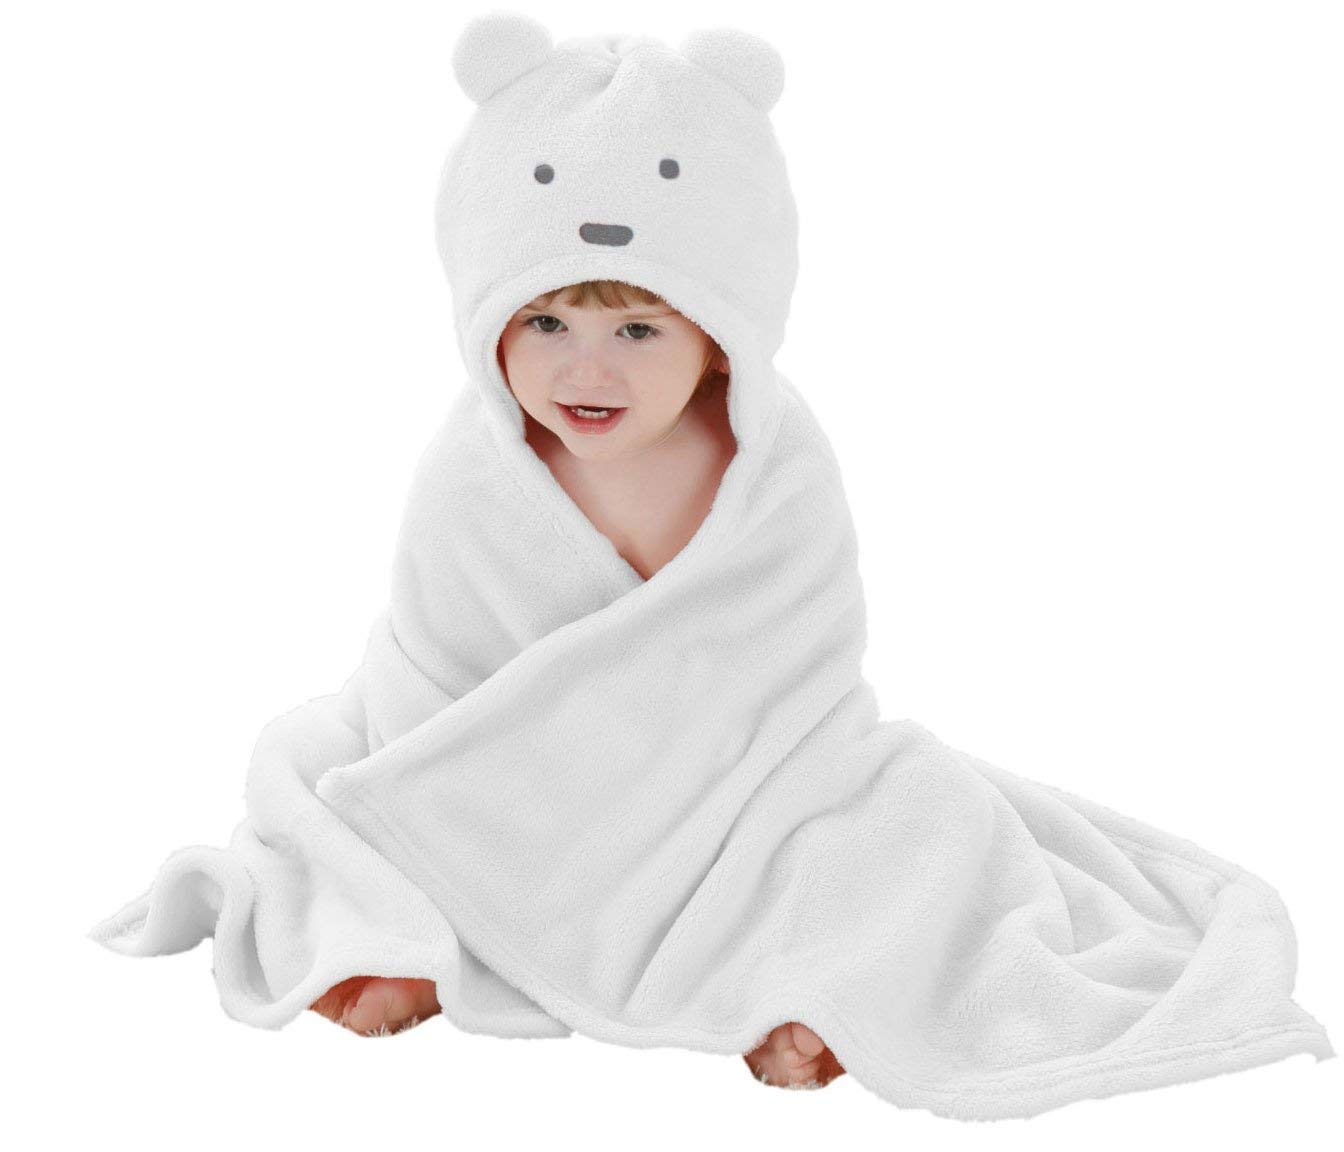 ベビー用バスローブのおすすめ3選【お風呂上がりに!】